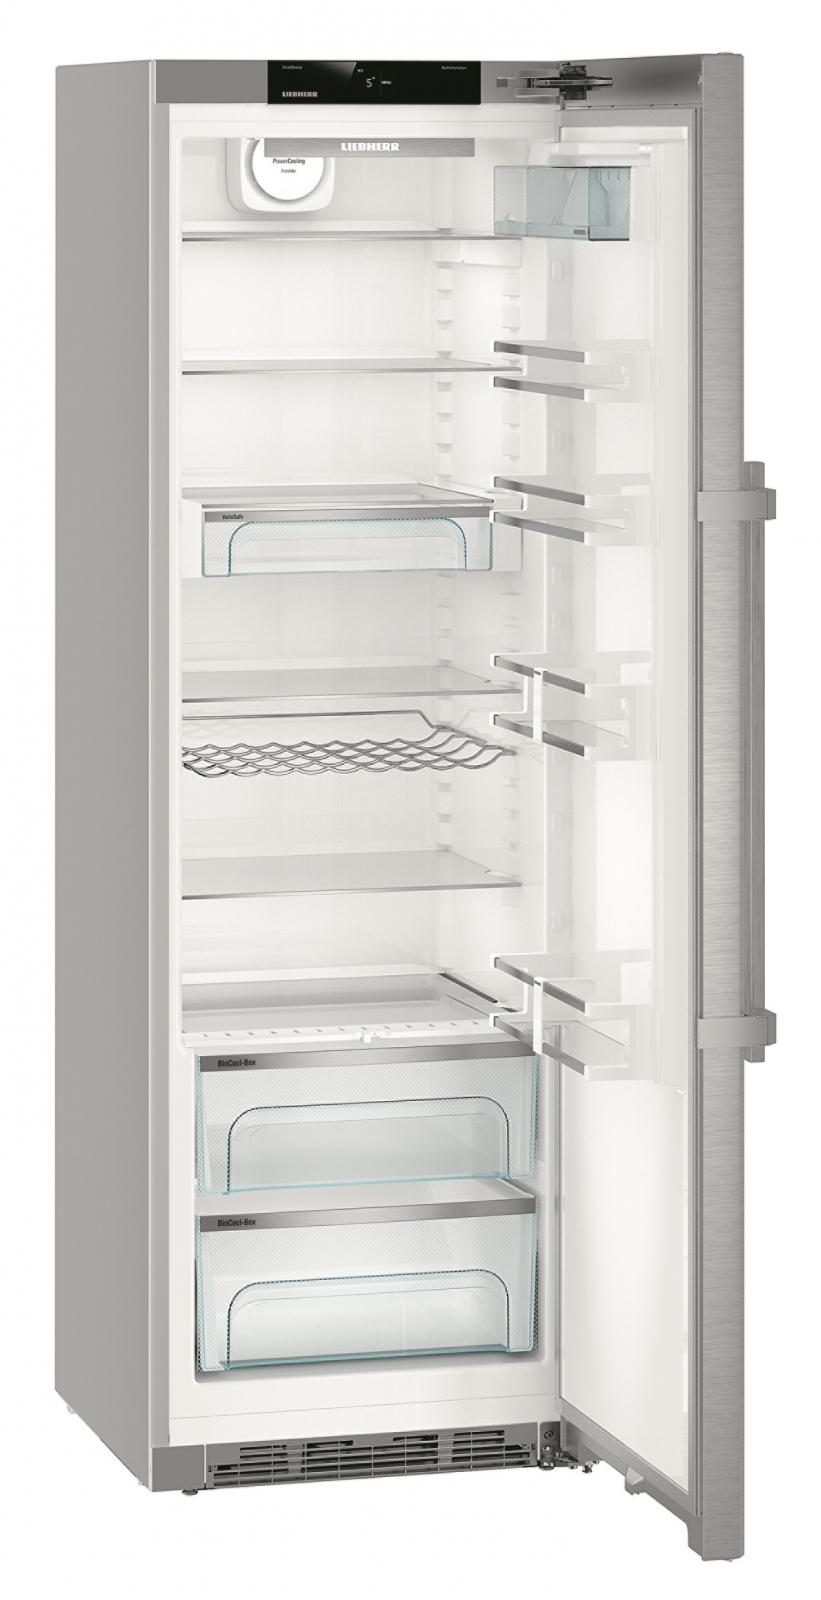 купить Однокамерный холодильник Liebherr KPef 4350 Украина фото 6